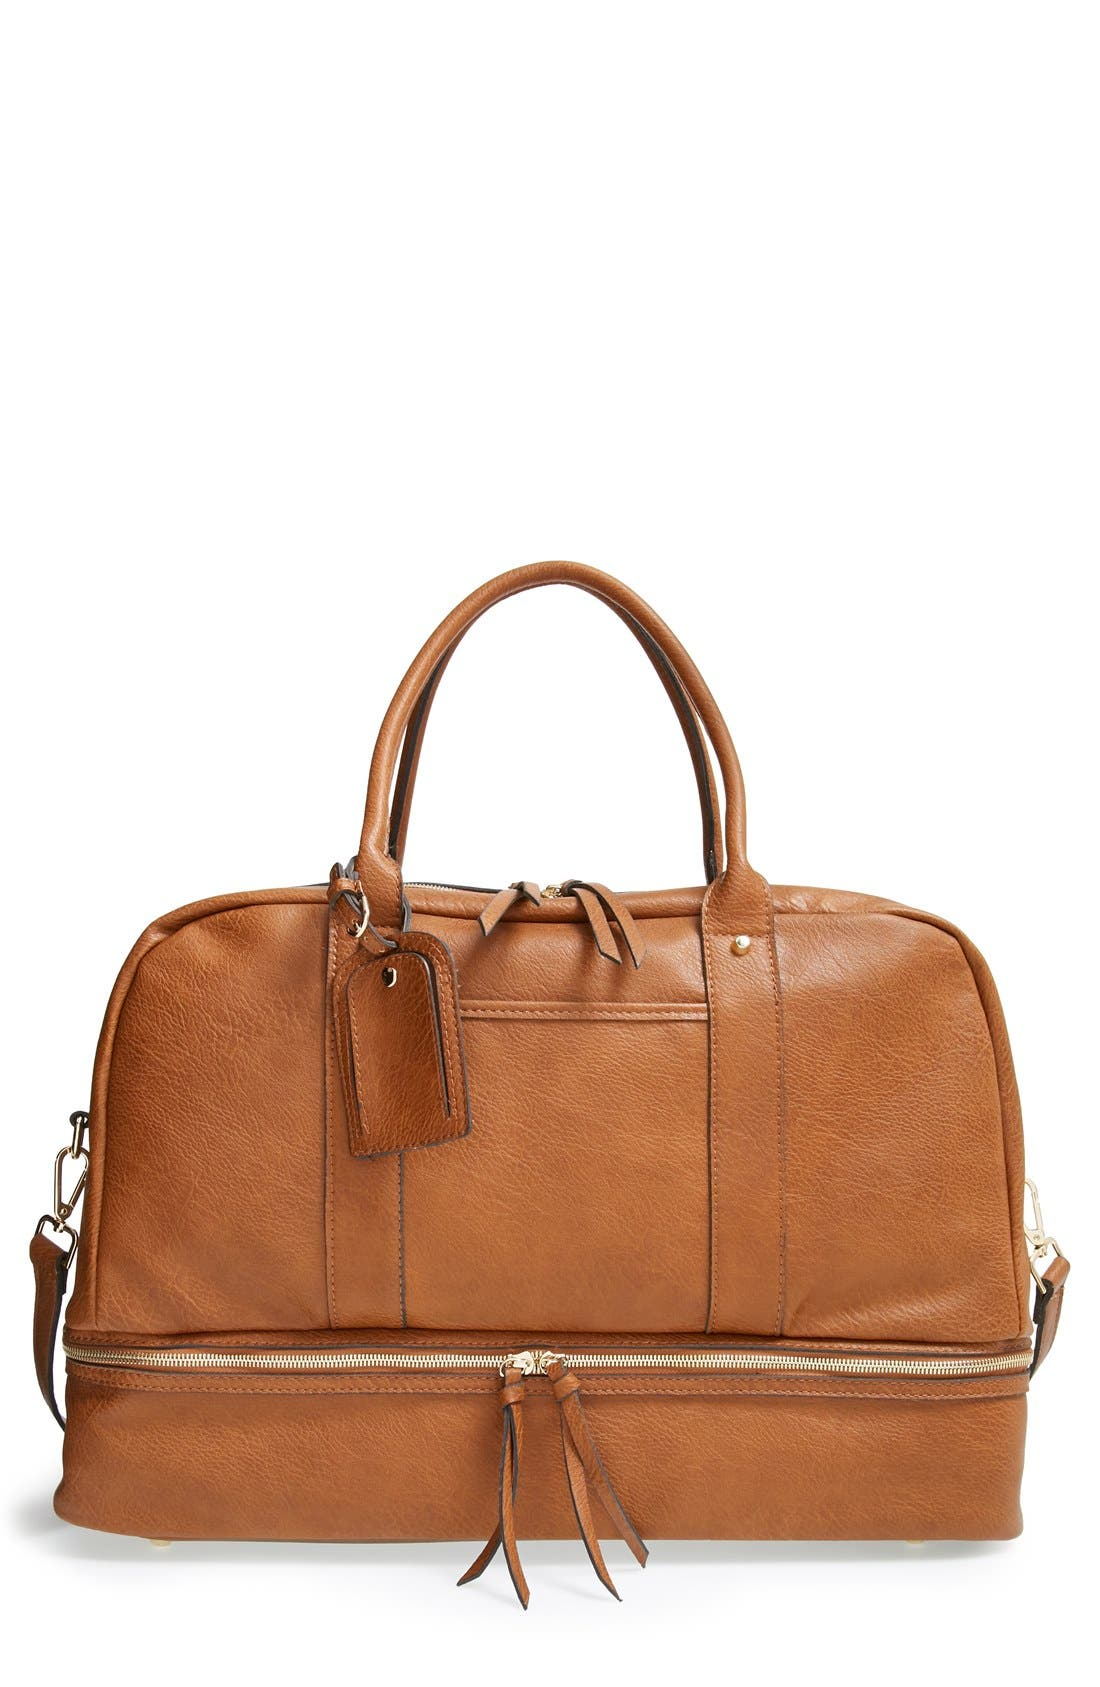 SOLE SOCIETY Mason Weekend Bag, Main, color, COGNAC